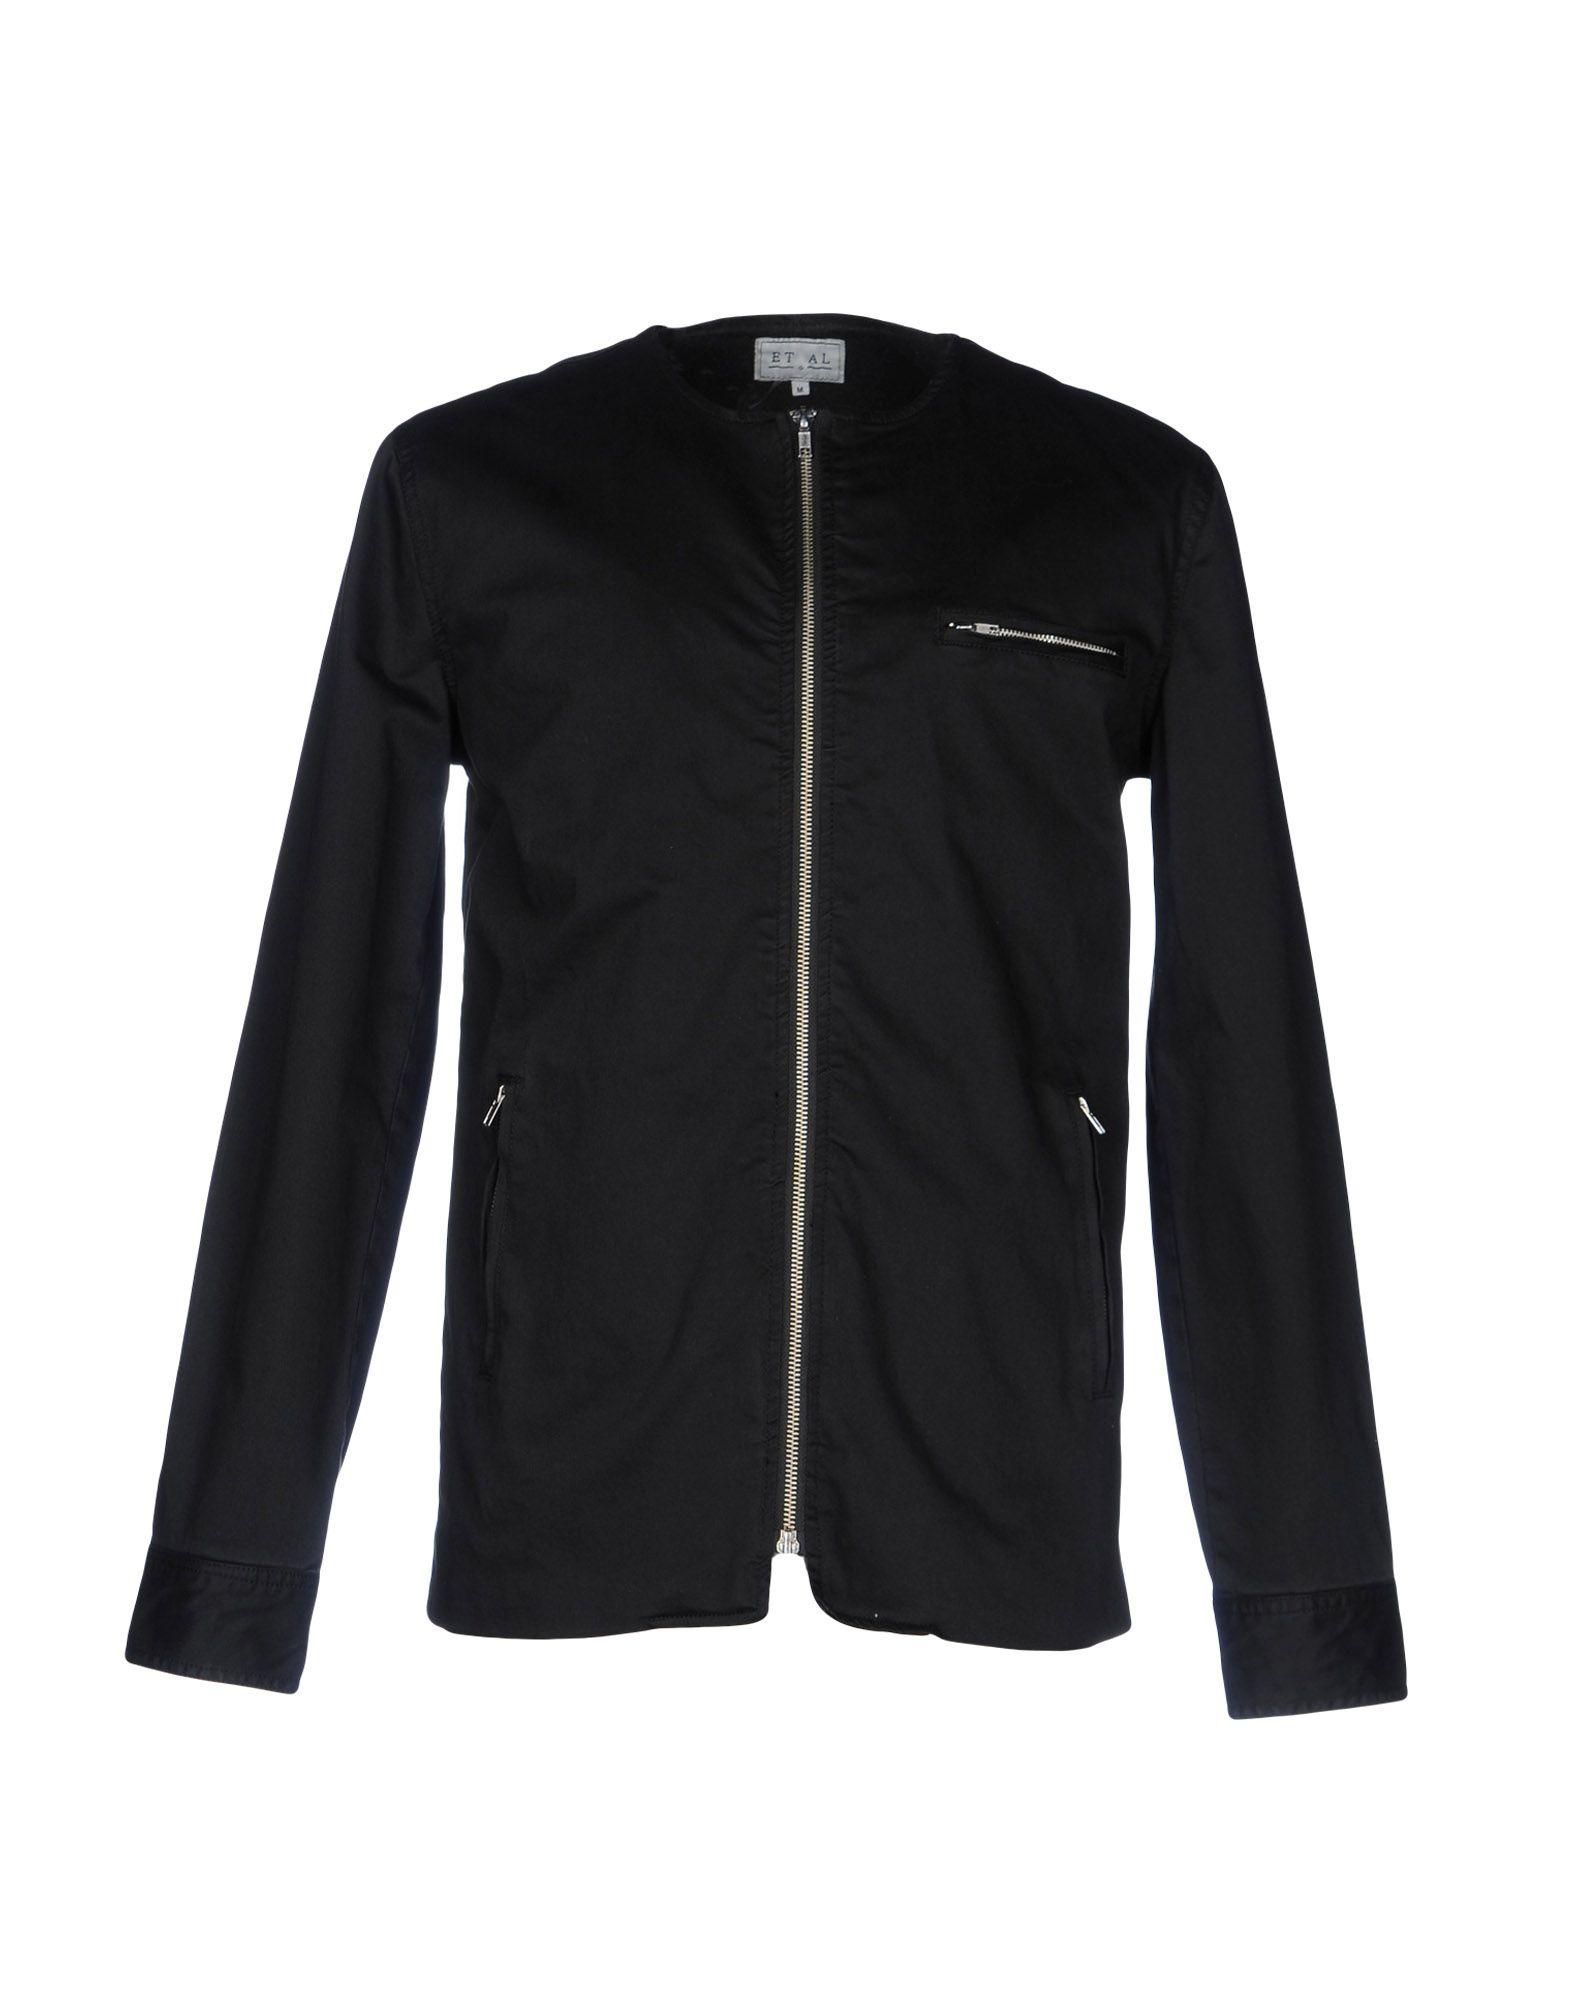 ET AL DESIGN Куртка et al design туфли et al design модель 2884004